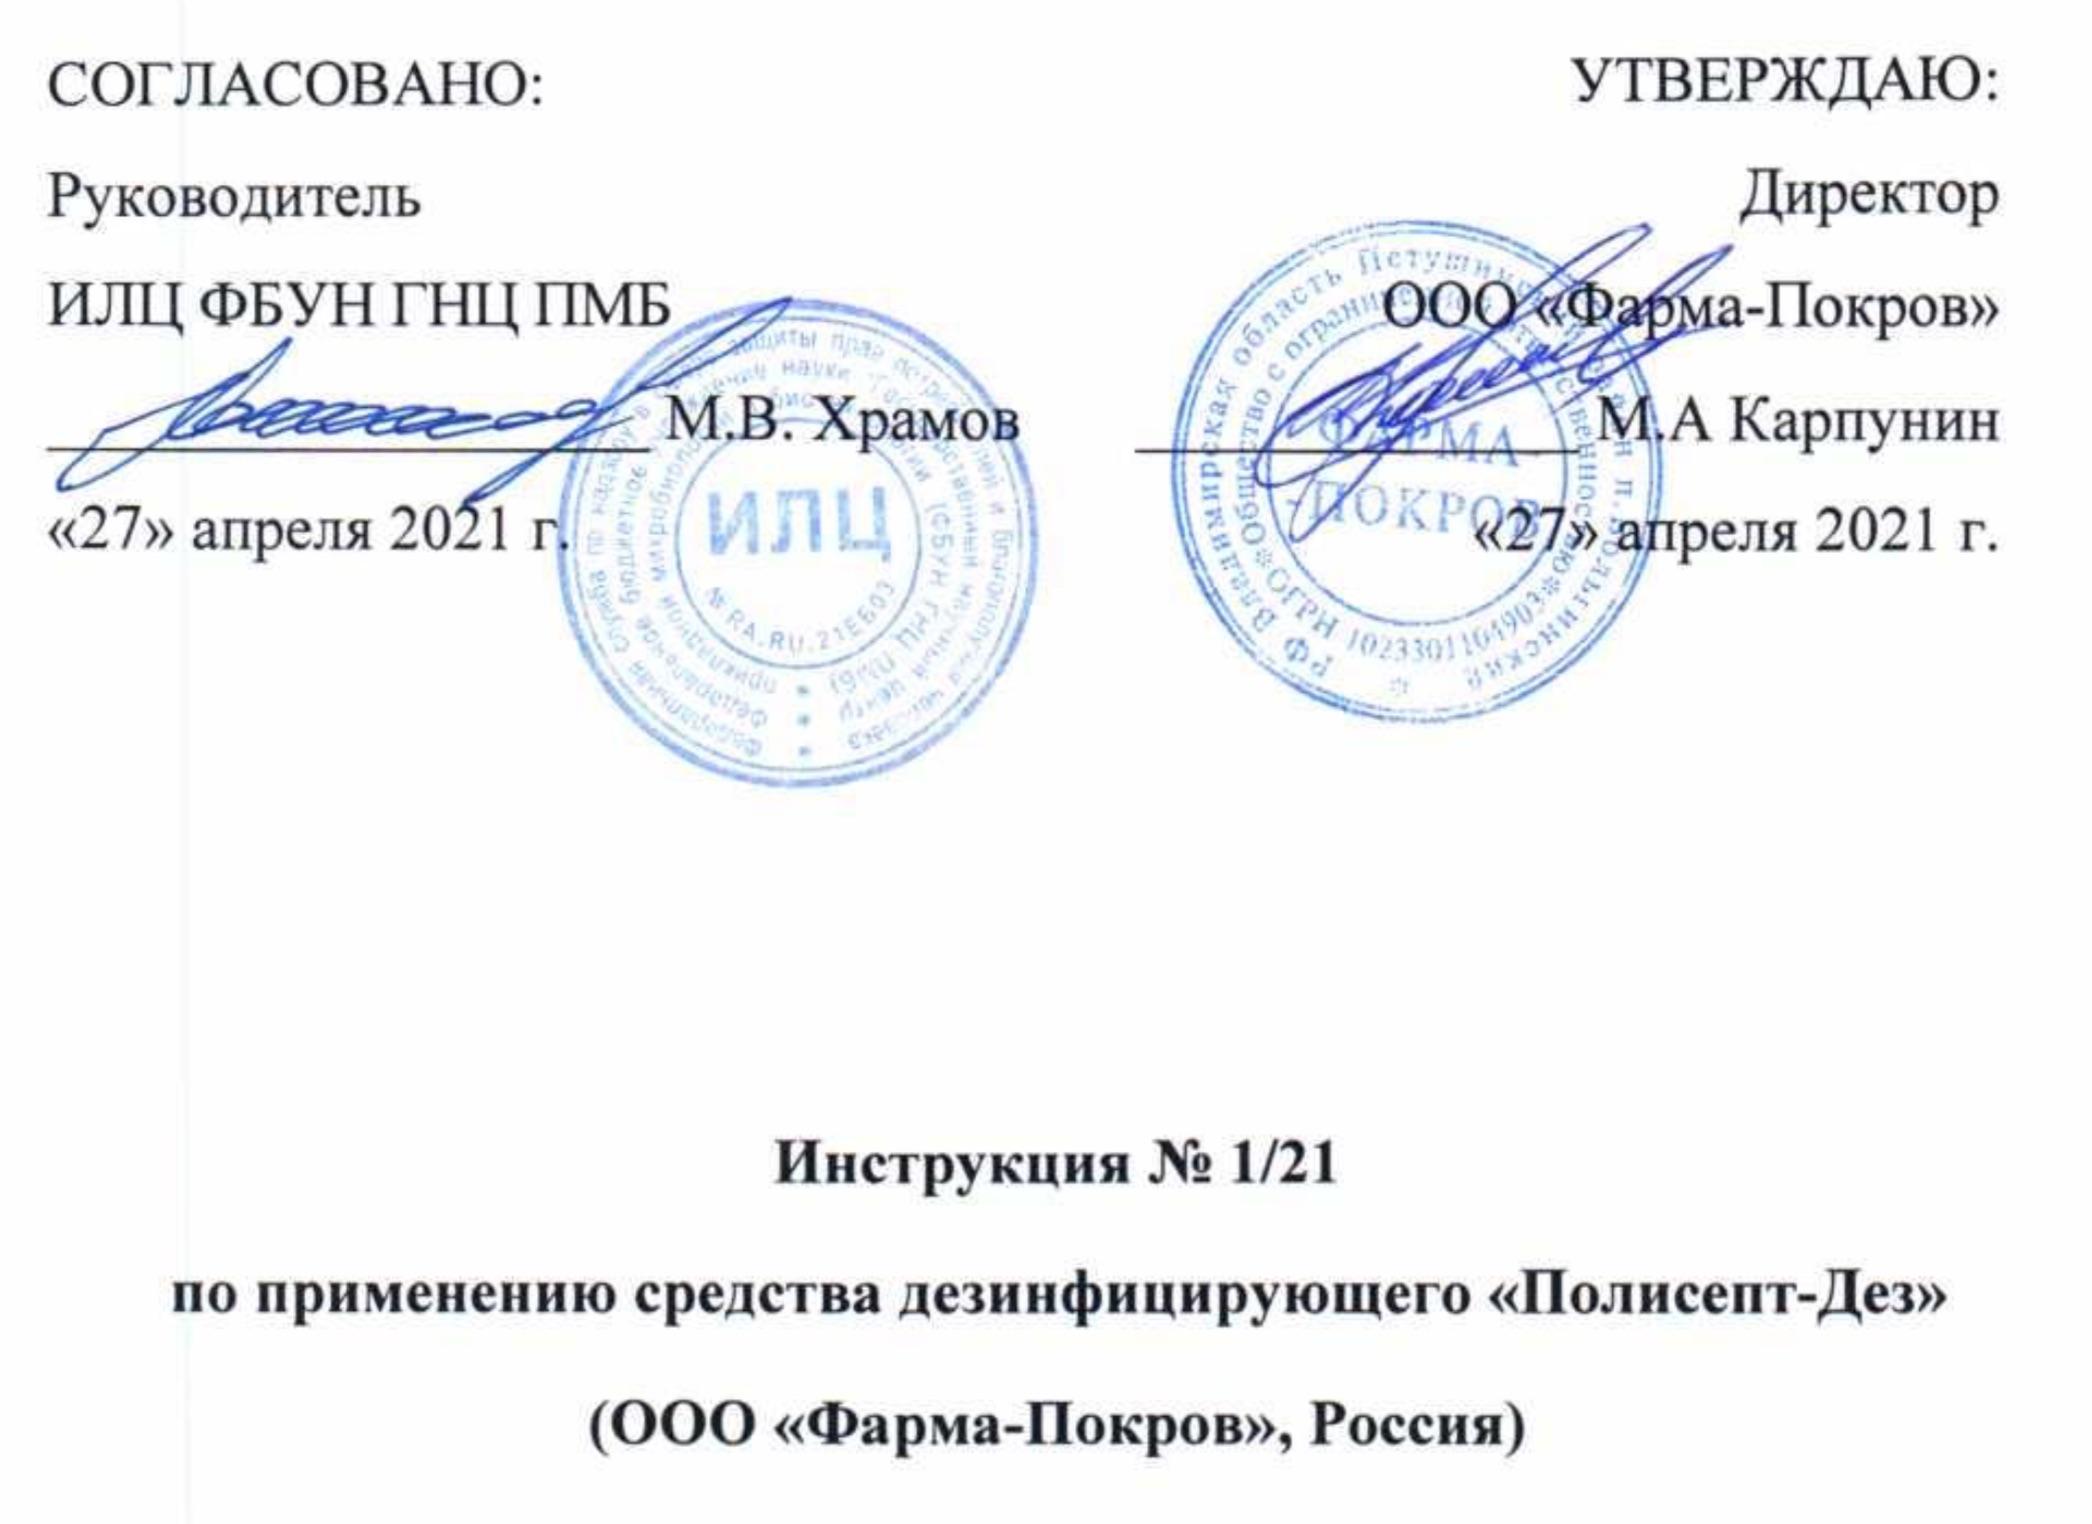 инструкция no 01/21 по применению средства дезинфицирующего «полисепт-дез» (ооо «фарма – покров», россия)